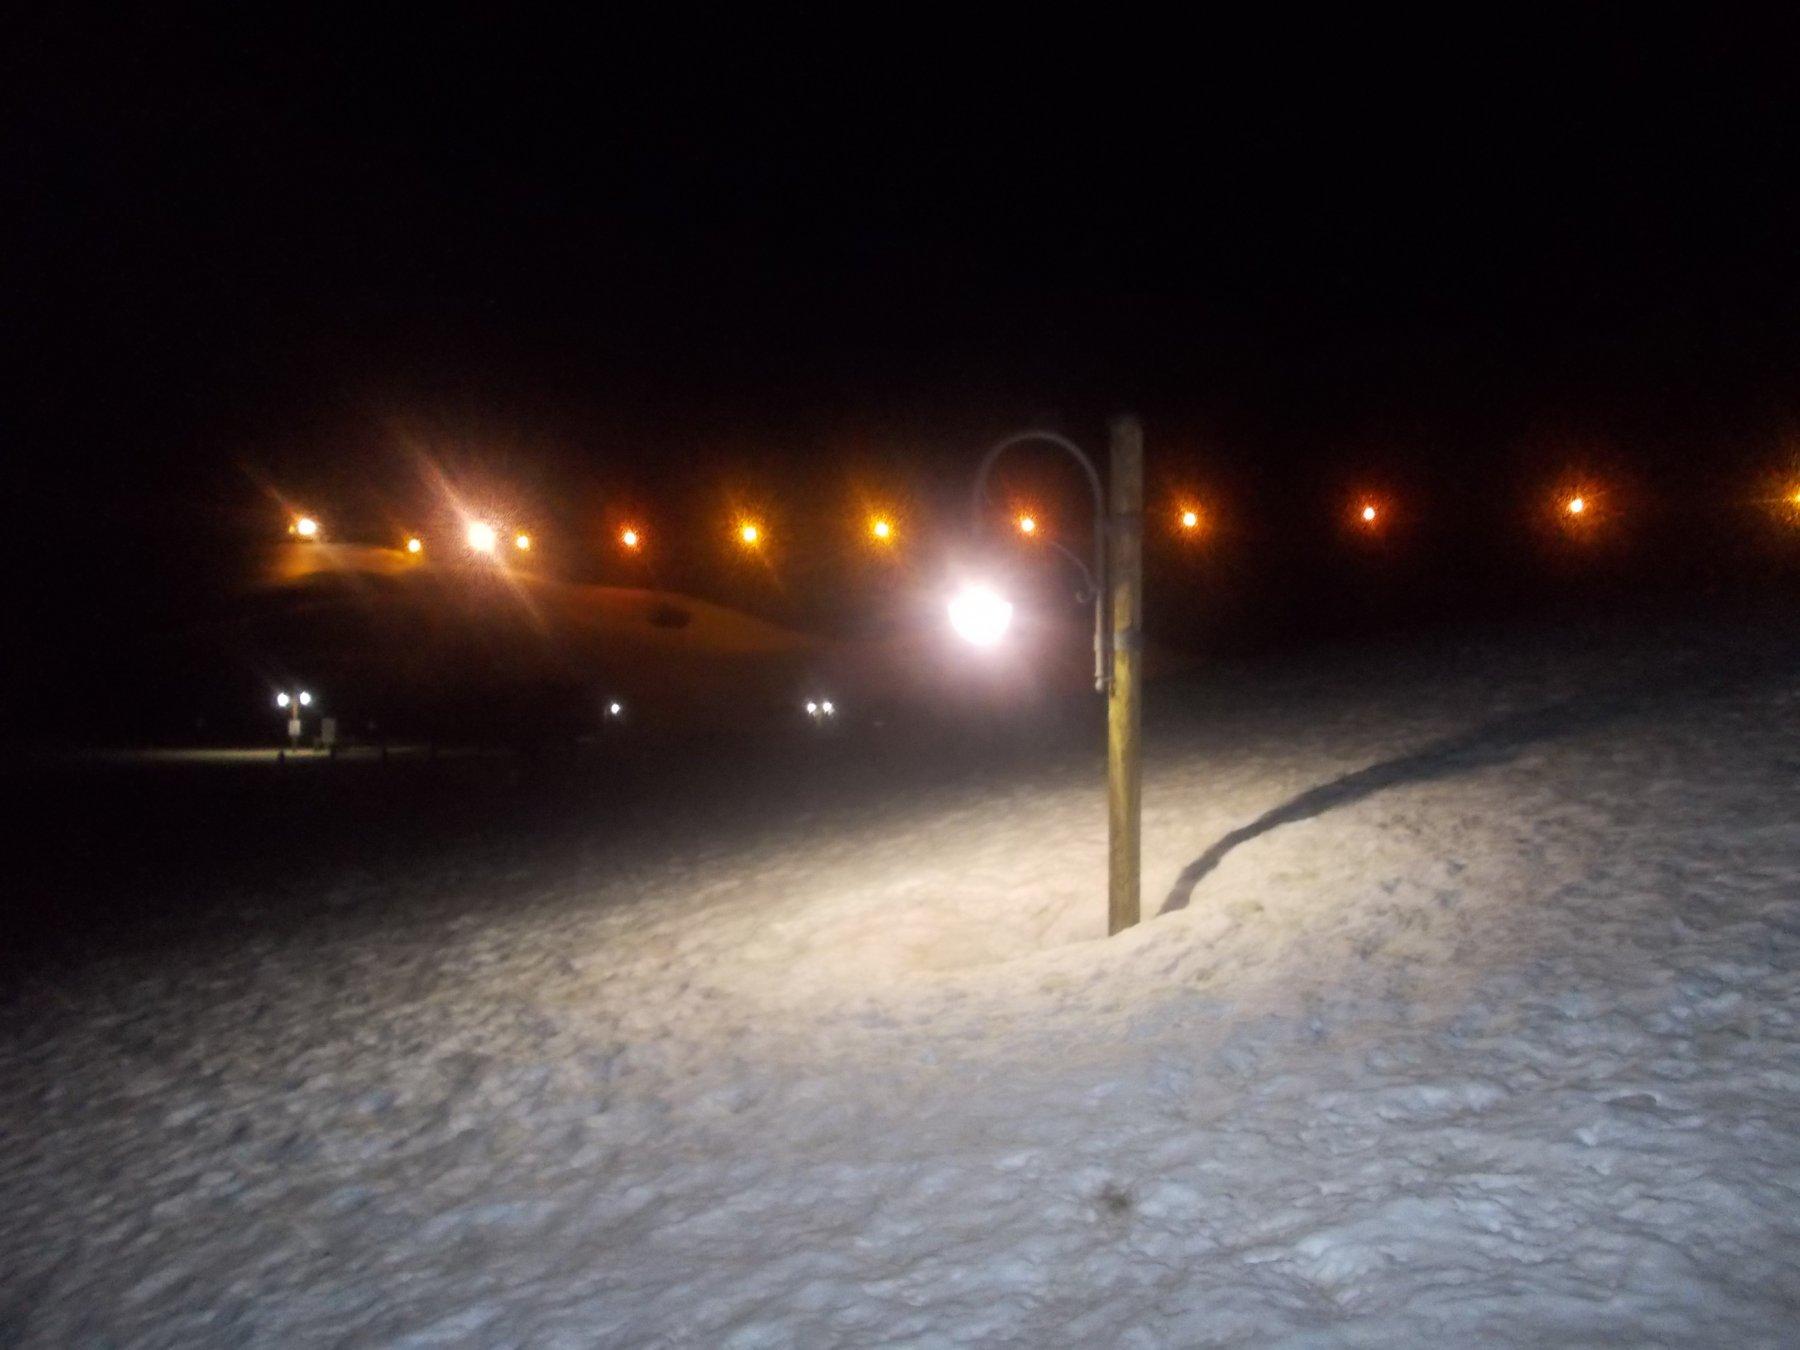 al Seru' lampioni accesi come in citta''..qui pero' tanta neve ancora..